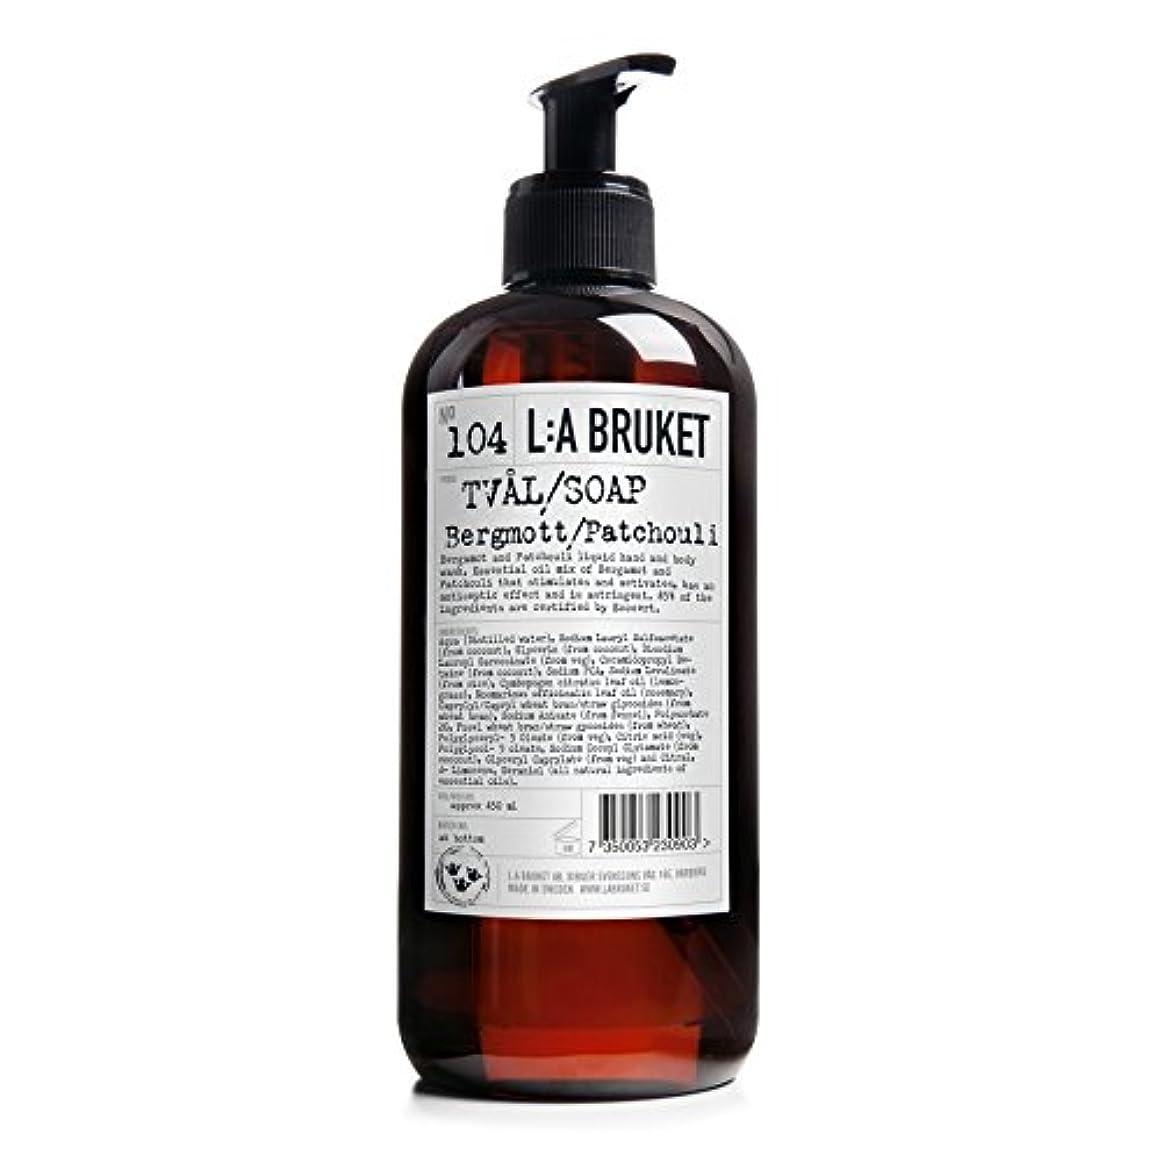 レバー装置スコットランド人L:A Bruket Bruket Bergamot and Patchouli Liquid Soap 450ml - :のベルガモット及びパチョリ液体石鹸450ミリリットル [並行輸入品]